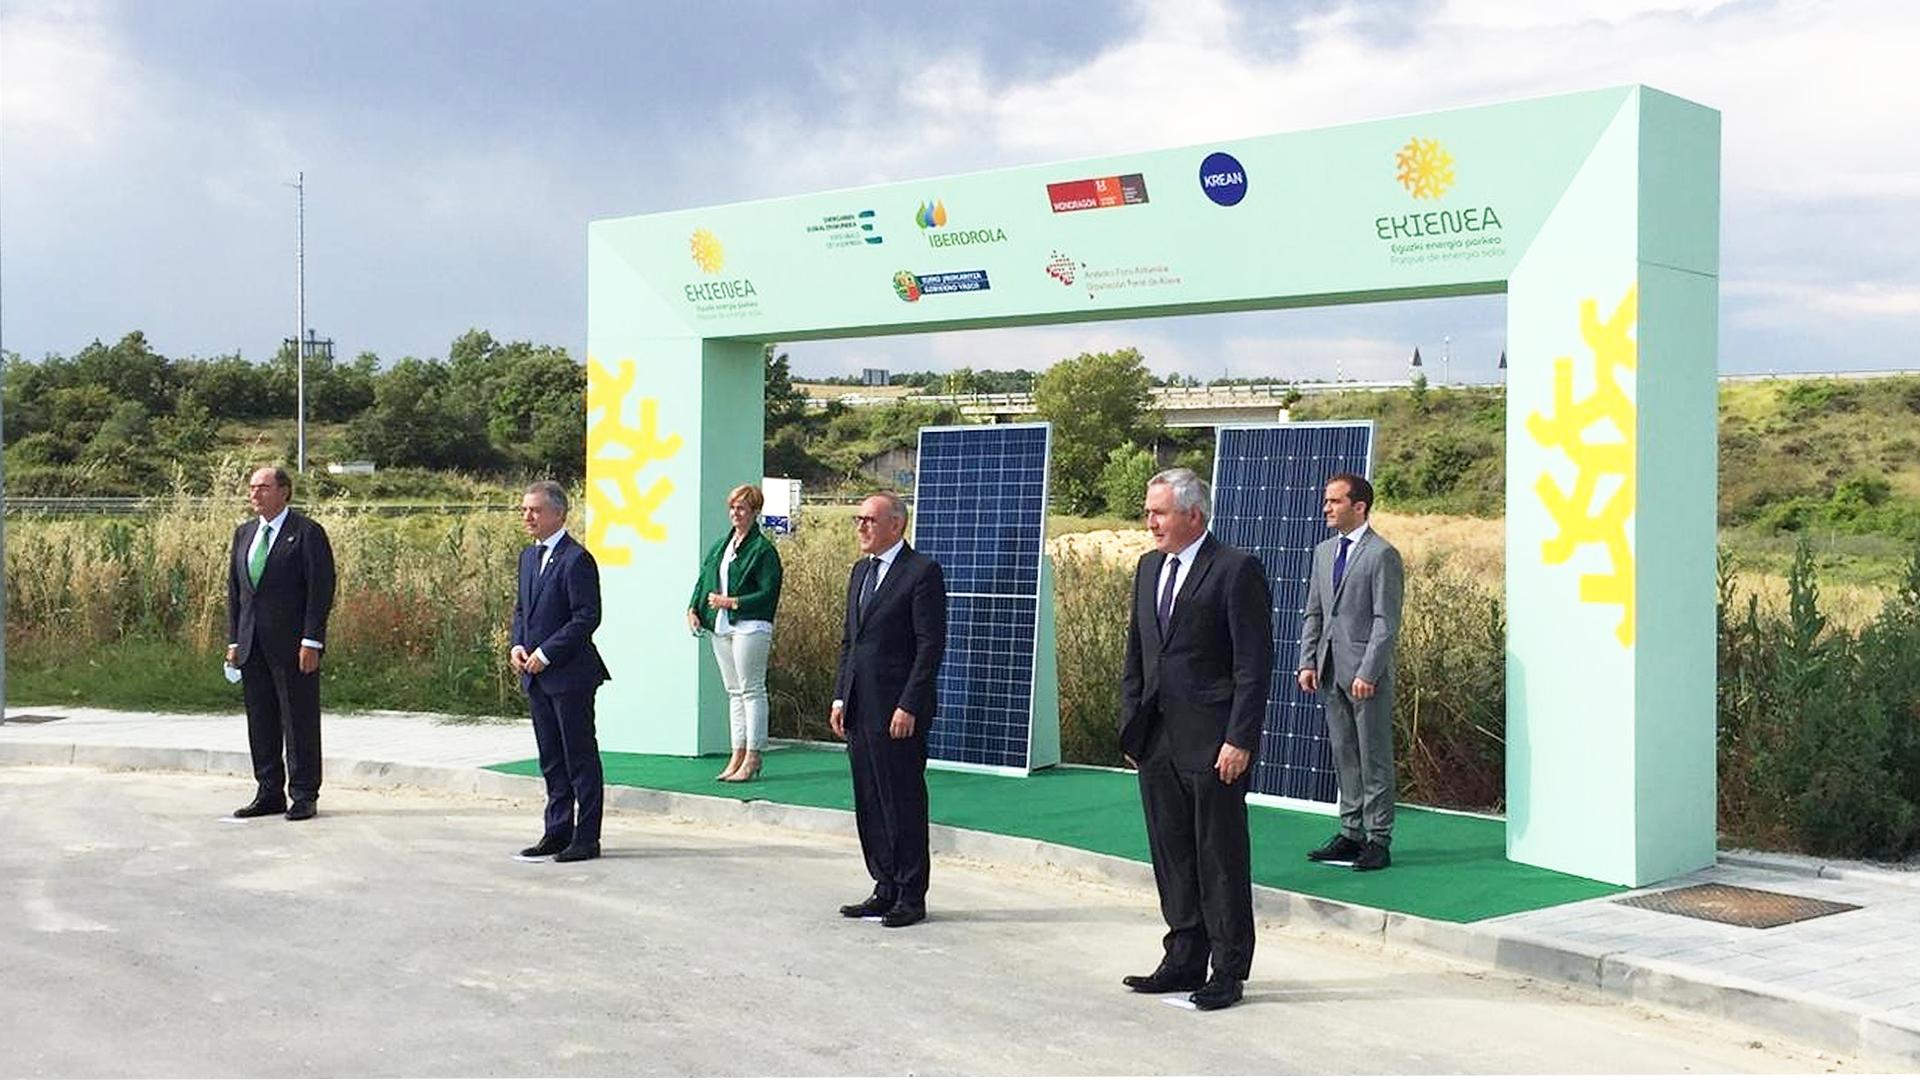 Presentación del proyecto EKIENEA, nuevo parque de energía fotovoltaica promovido por KREAN